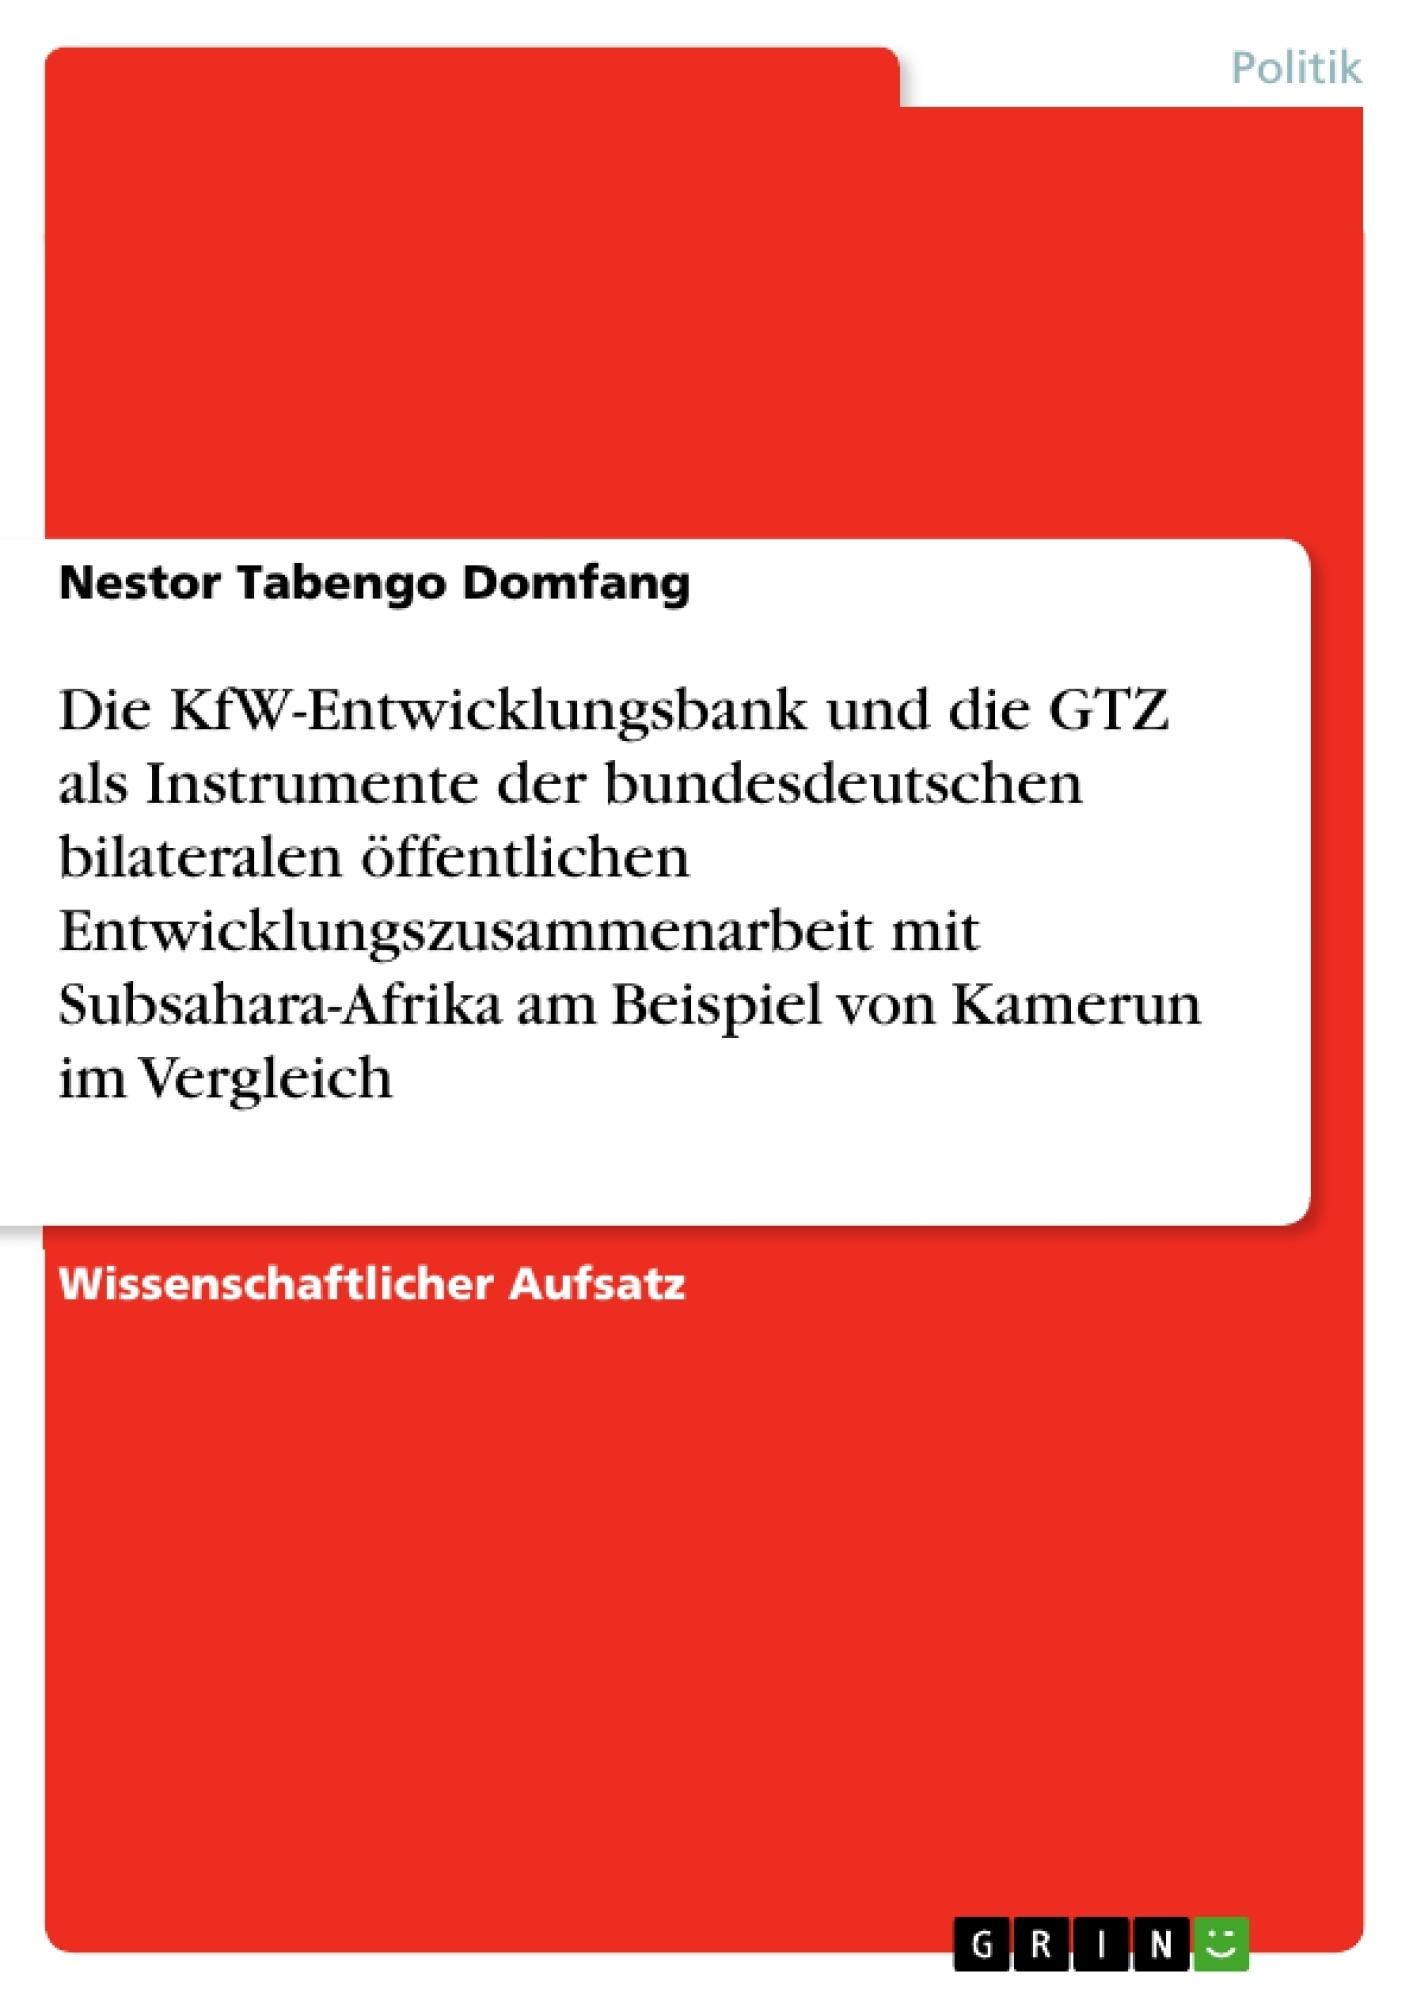 Titel: Die KfW-Entwicklungsbank und die GTZ als Instrumente der bundesdeutschen bilateralen öffentlichen Entwicklungszusammenarbeit mit Subsahara-Afrika am Beispiel von Kamerun im Vergleich